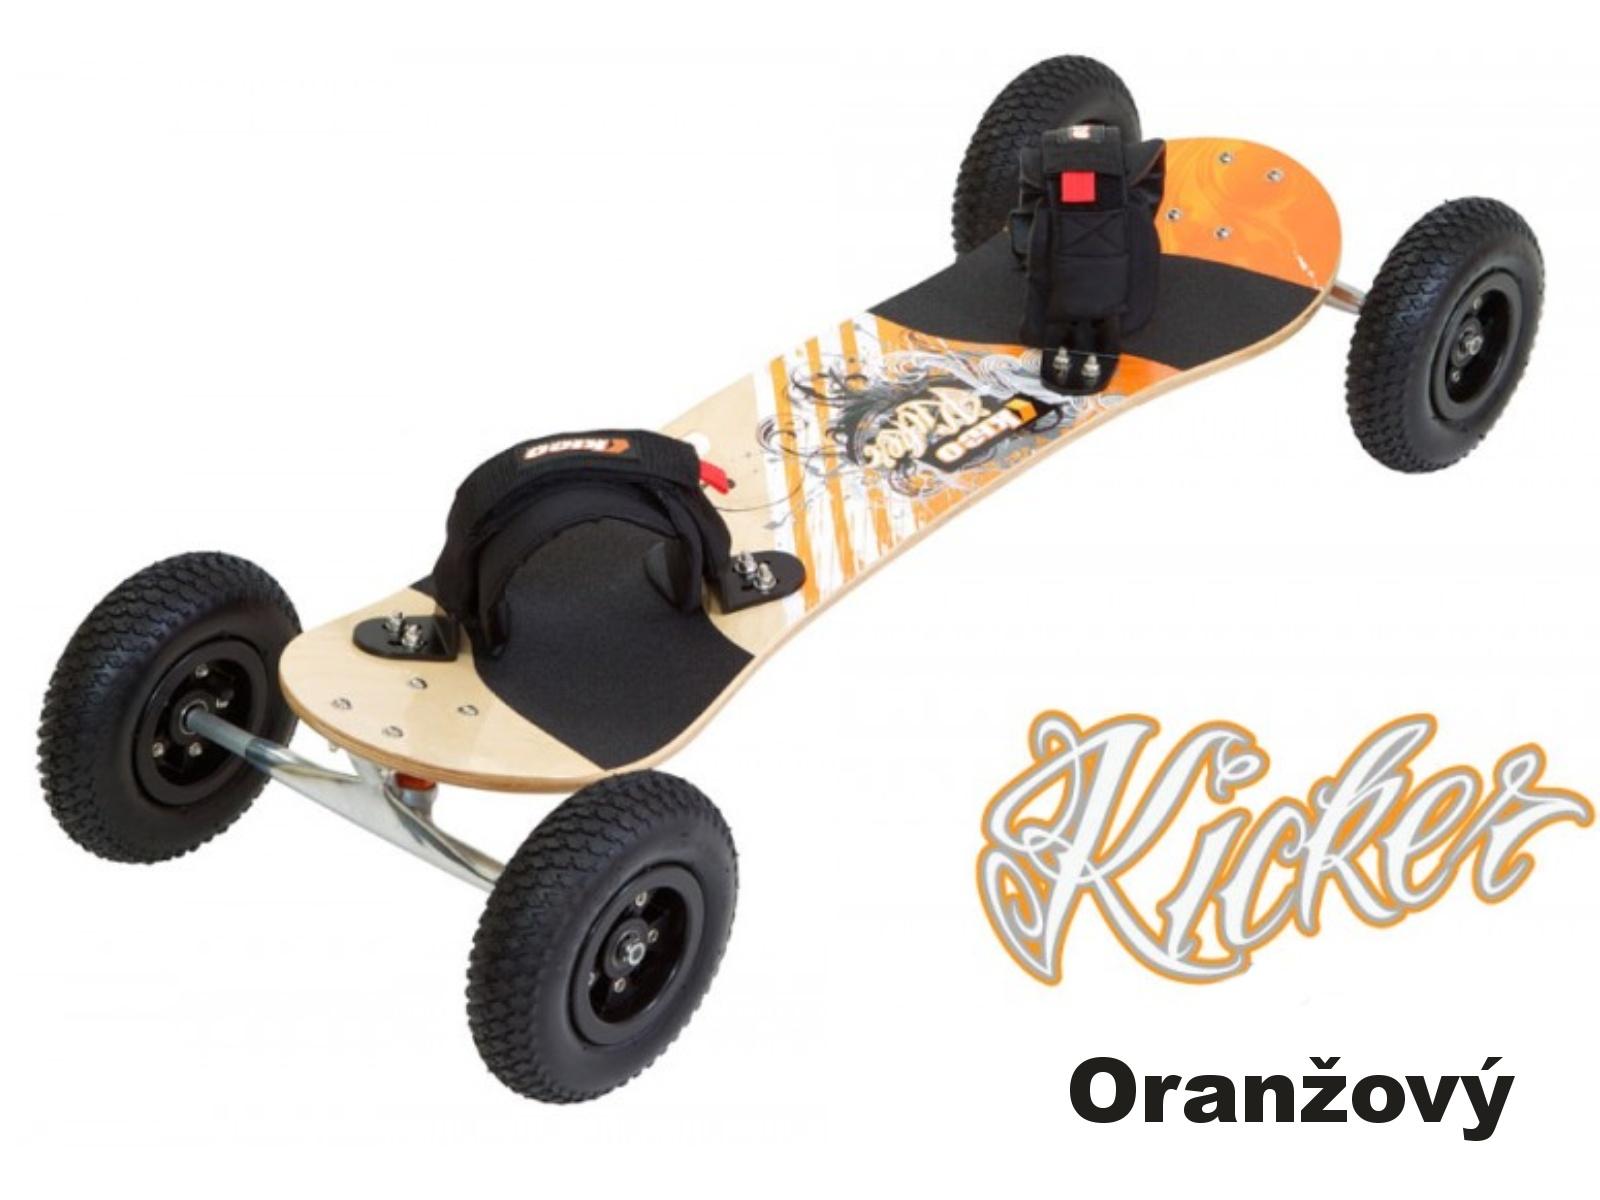 Mountainboard KHEO Kicker oranžový